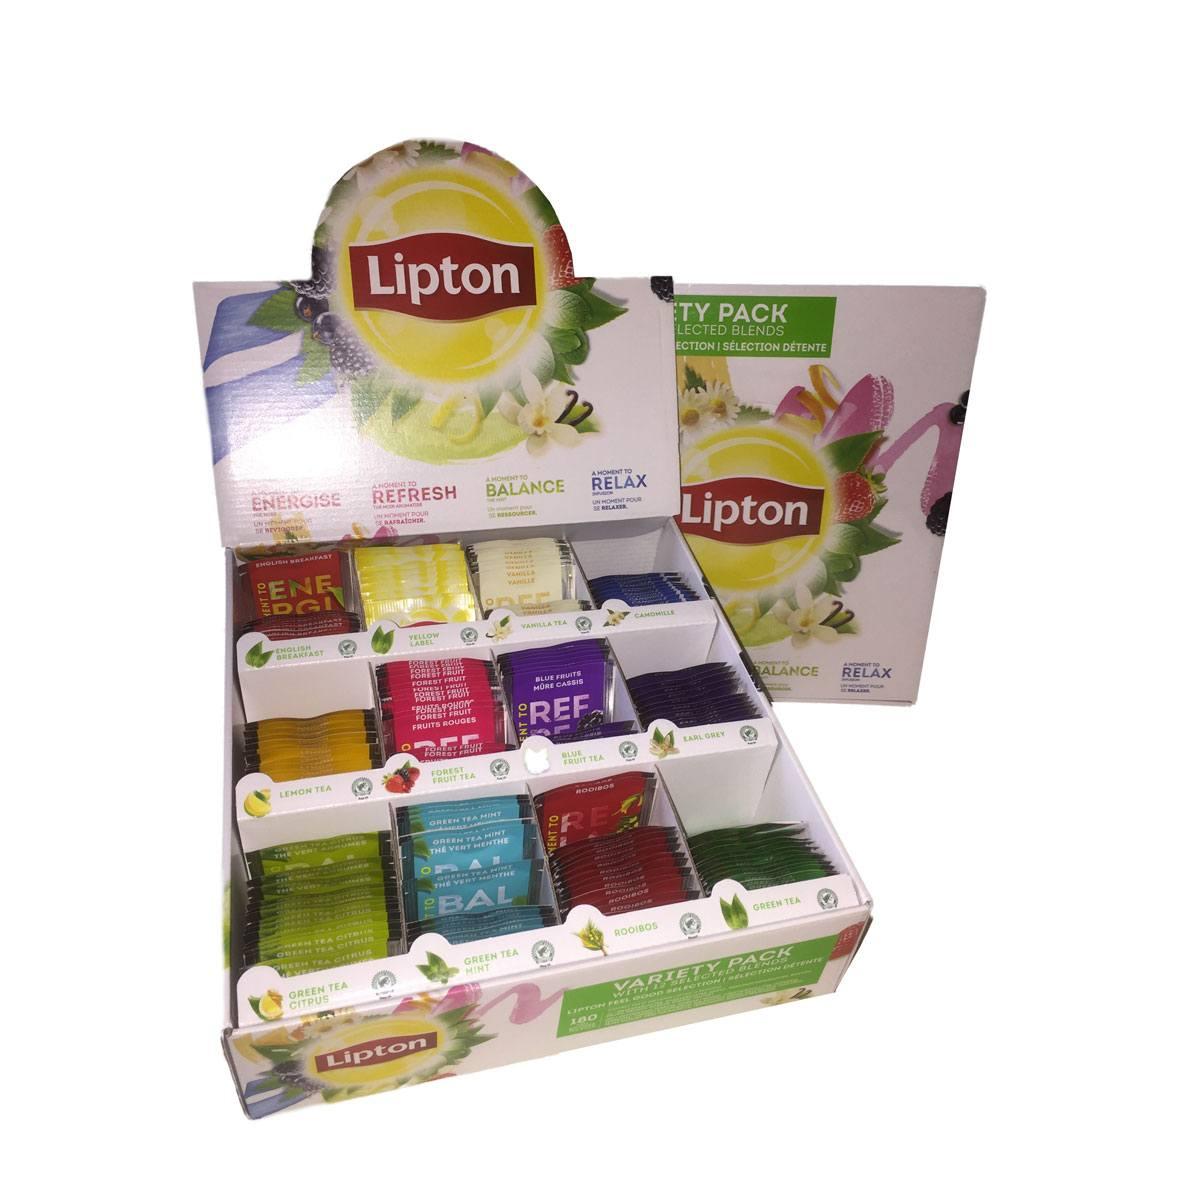 lipton - Produkt kategori